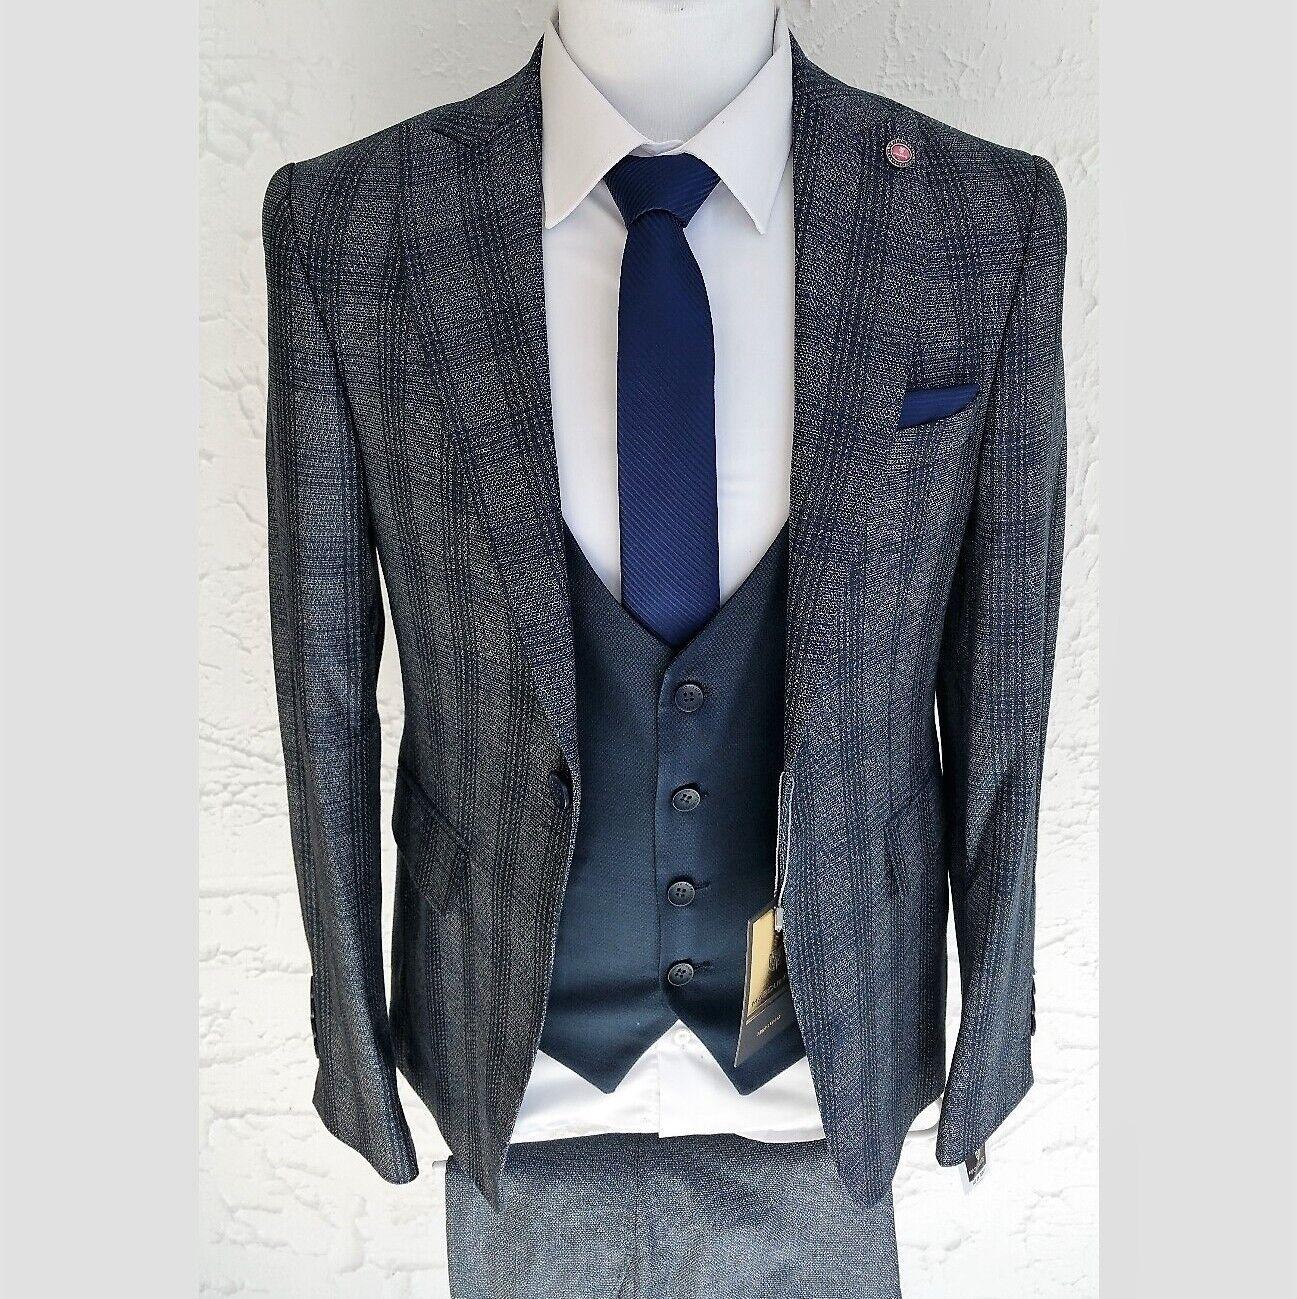 Herren Anzug Elegant 3-teilig Jacke Hose Weste Gr.46-56 Blau Kariert